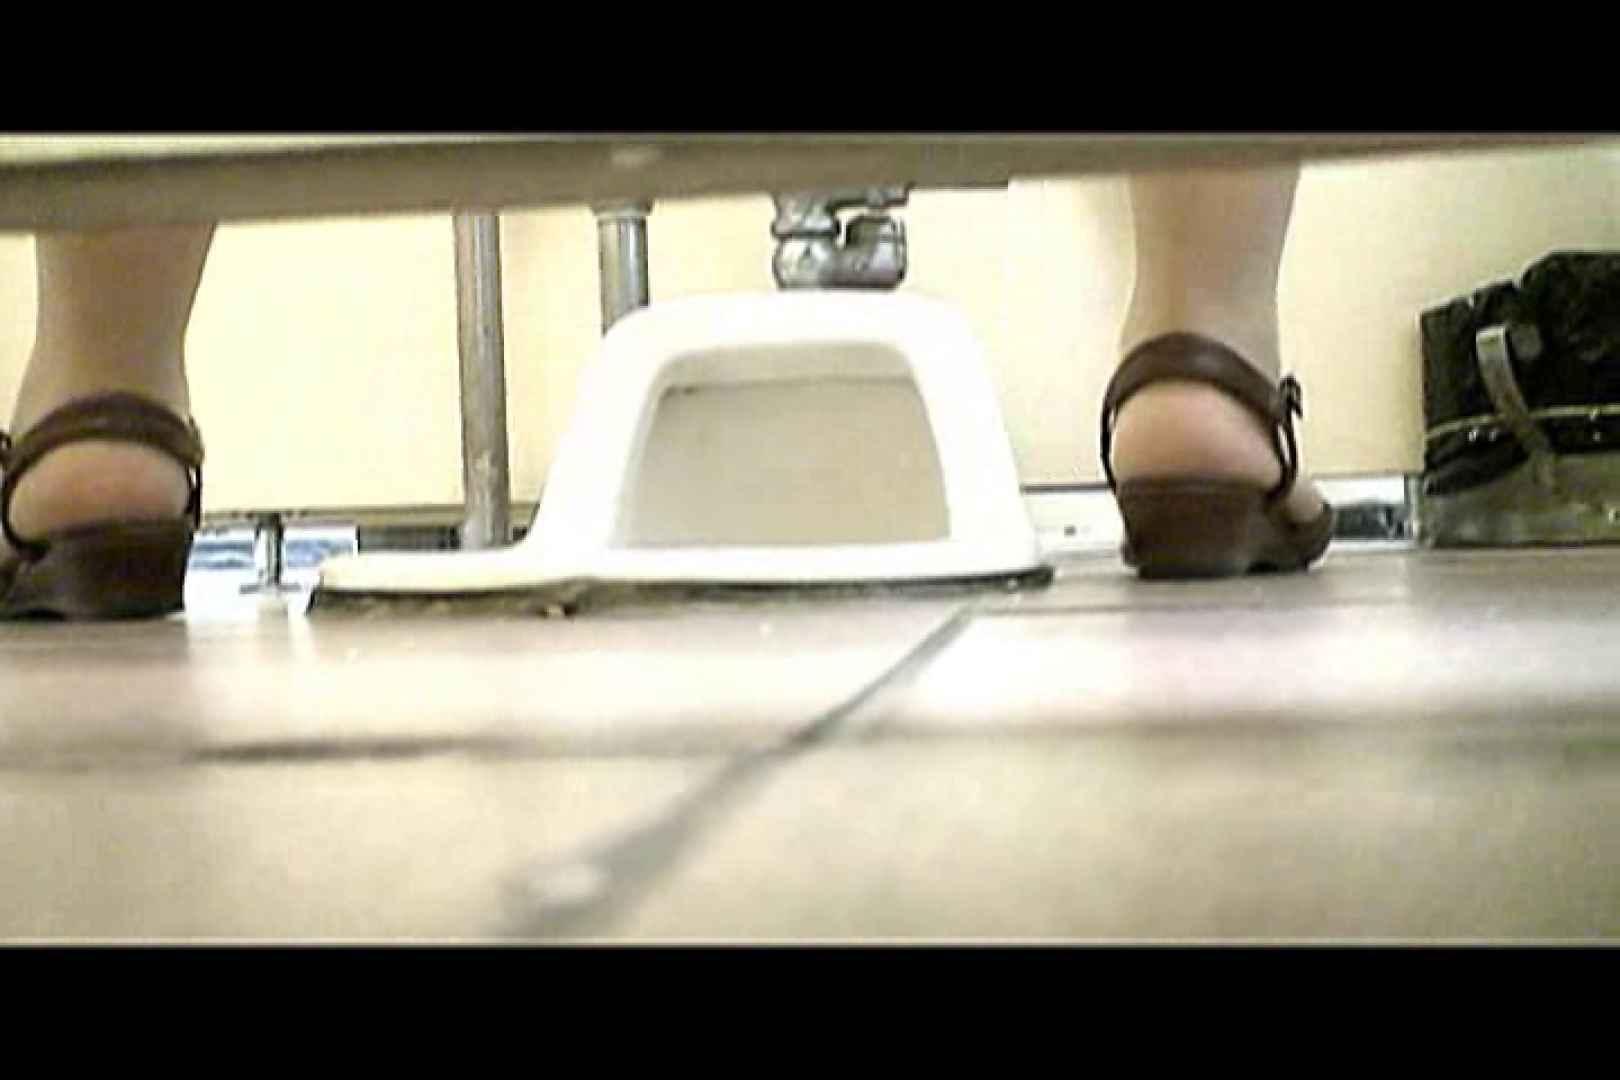 マンコ丸見え女子洗面所Vol.7 美しいOLの裸体 オメコ無修正動画無料 105pic 42